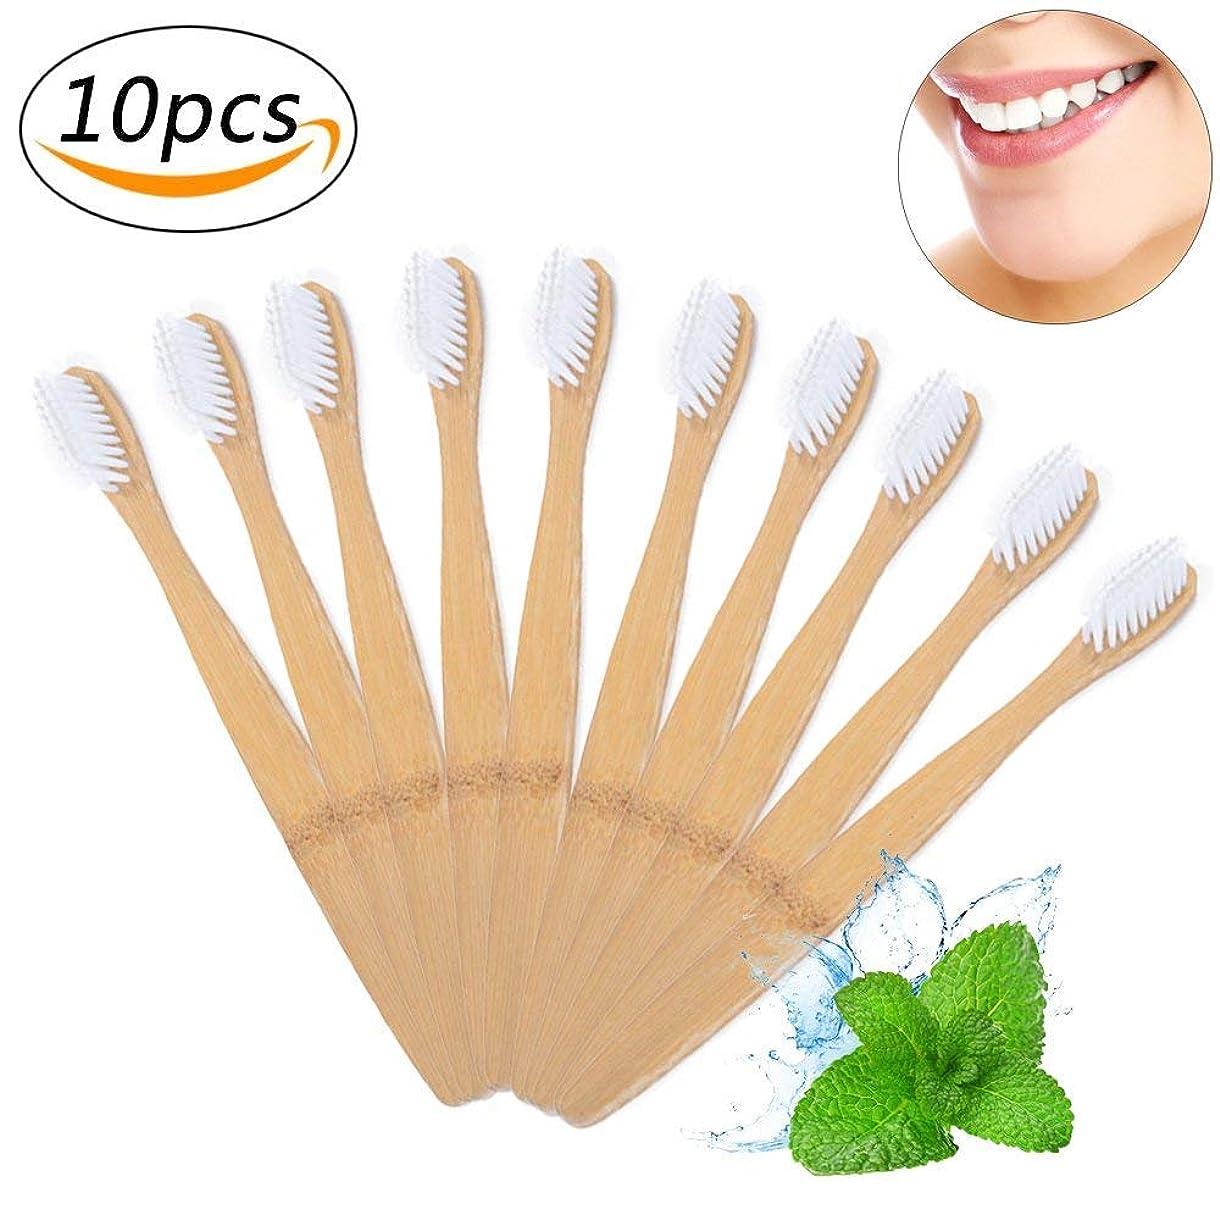 壮大ケイ素抑制竹の歯ブラシ 環境保護の歯ブラシ 柔らかいブラシ 分解性 耐久性 ホワイト 10本入